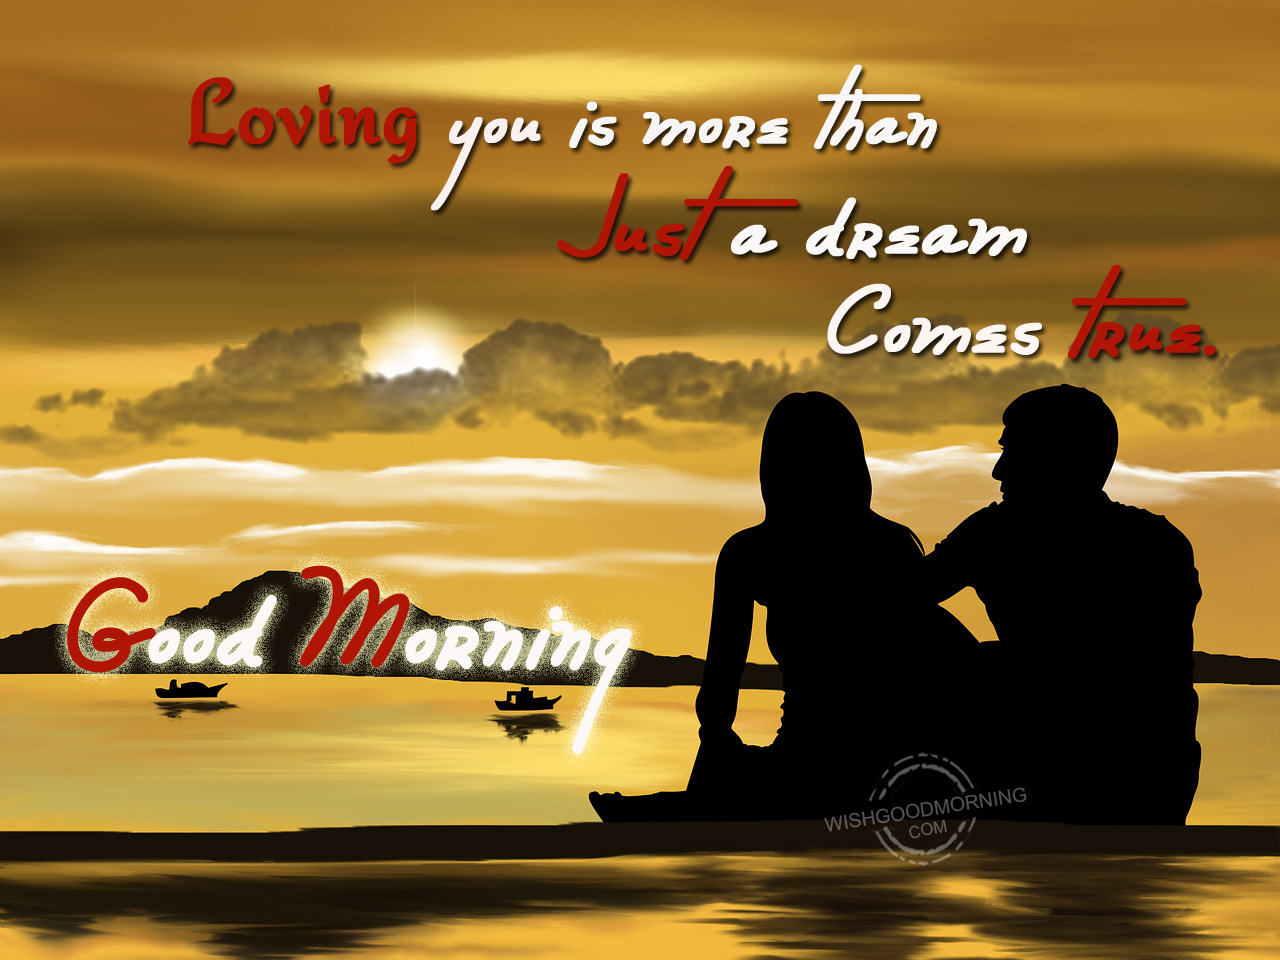 Lovingyou com good morning